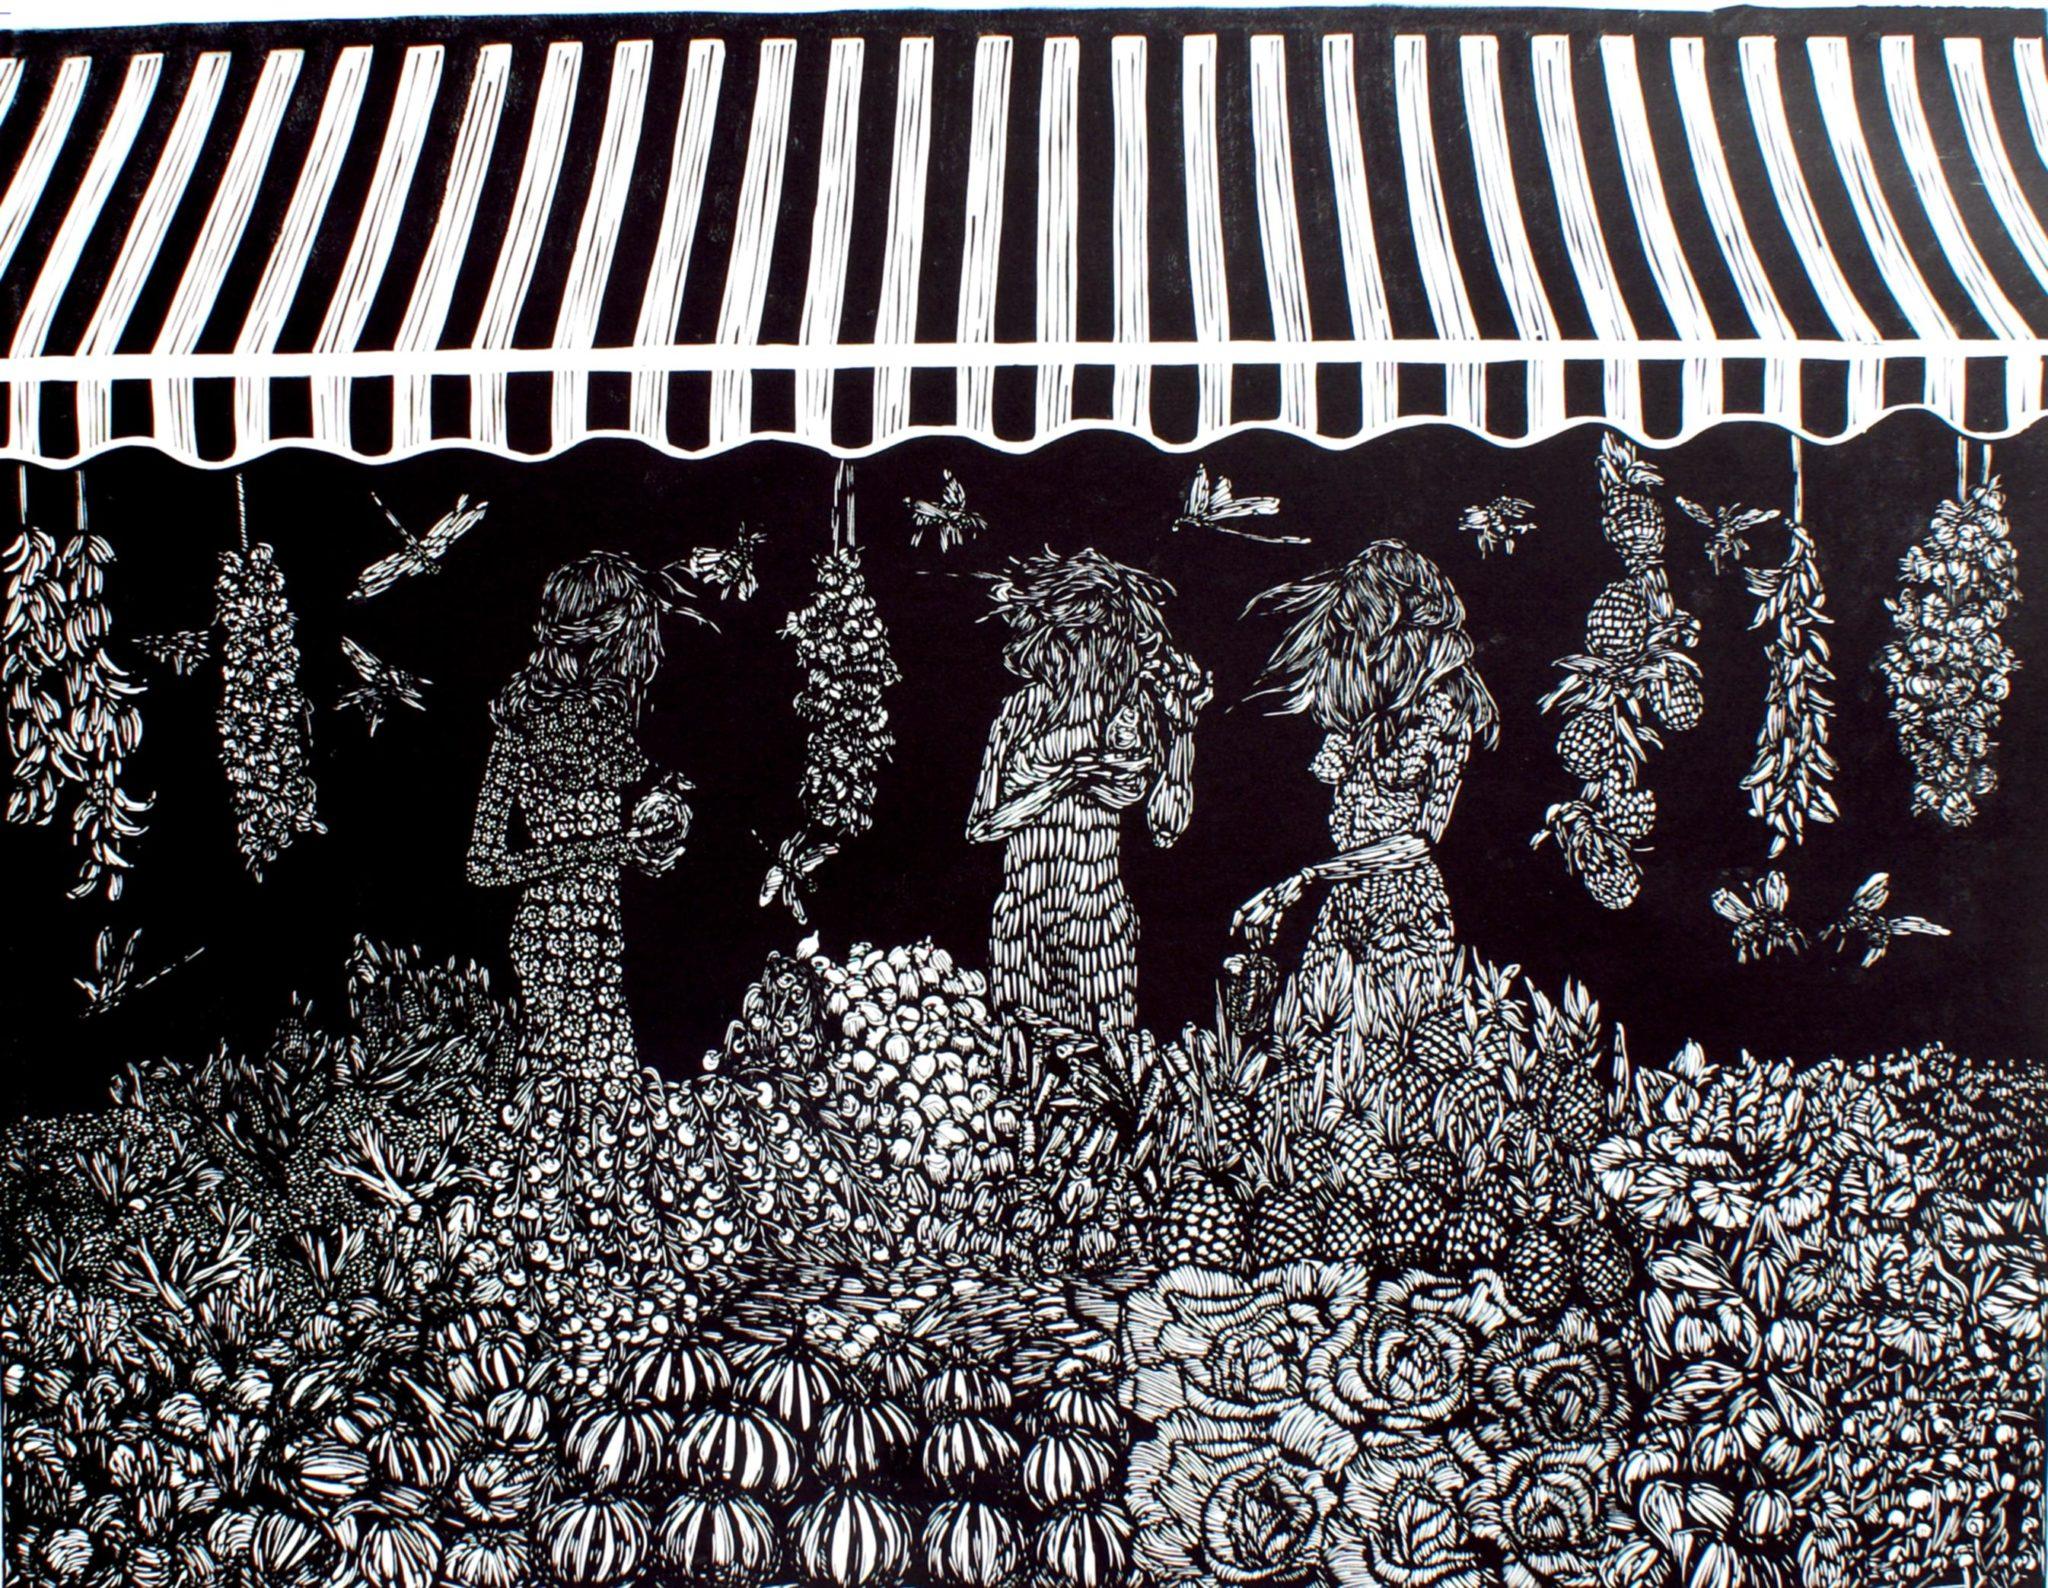 Linoryt Gracje na targu o wymiarach 100x70 cm